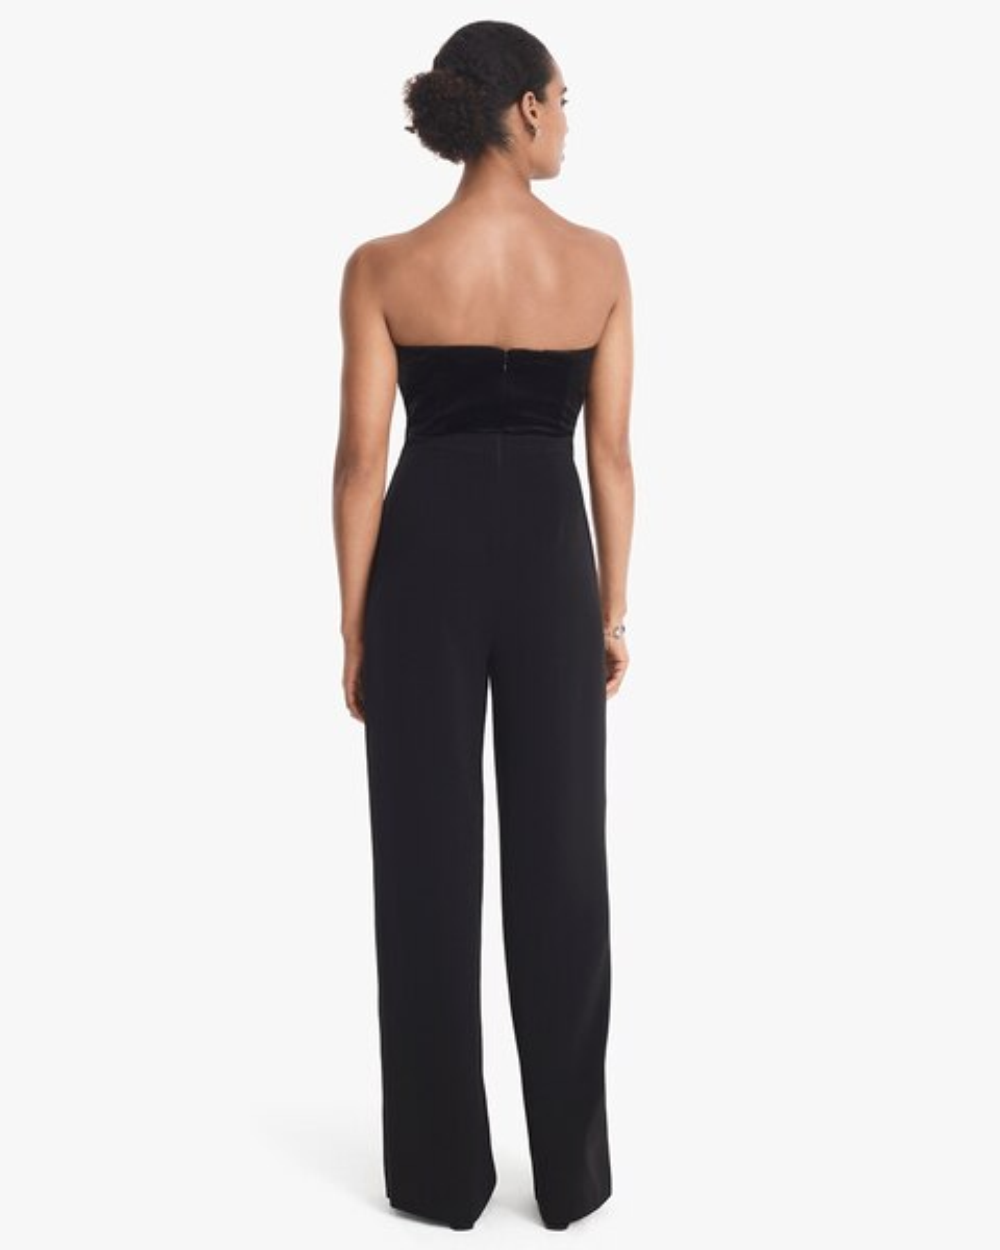 eae4814aa2b4 Return to thumbnail image selection Convertible Black Strapless Velvet  Bodice Split-Leg Jumpsuit